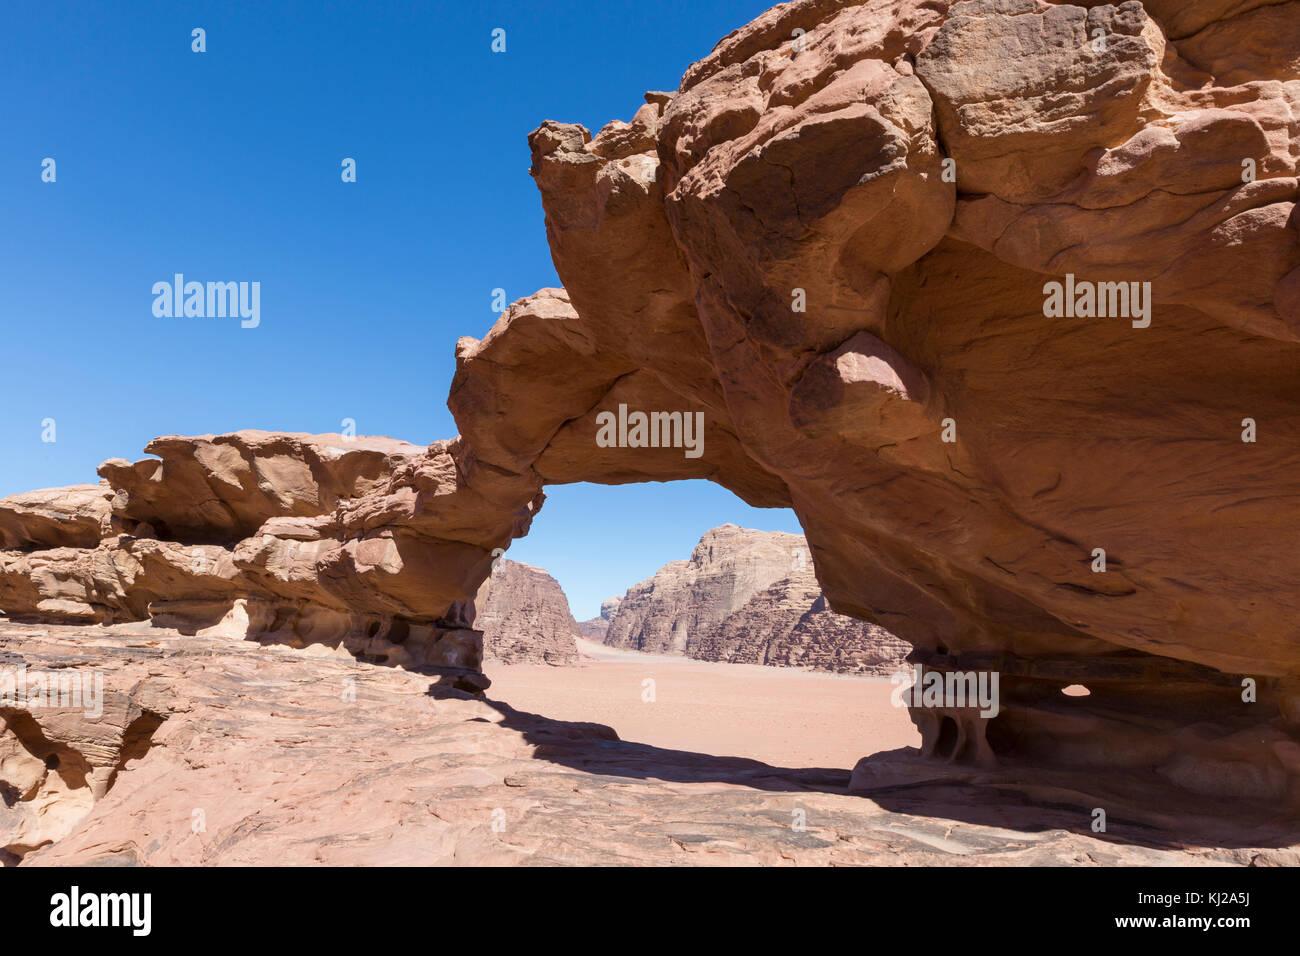 Pont de roche naturelle et vue panoramique sur le désert de Wadi Rum, Jordanie Photo Stock